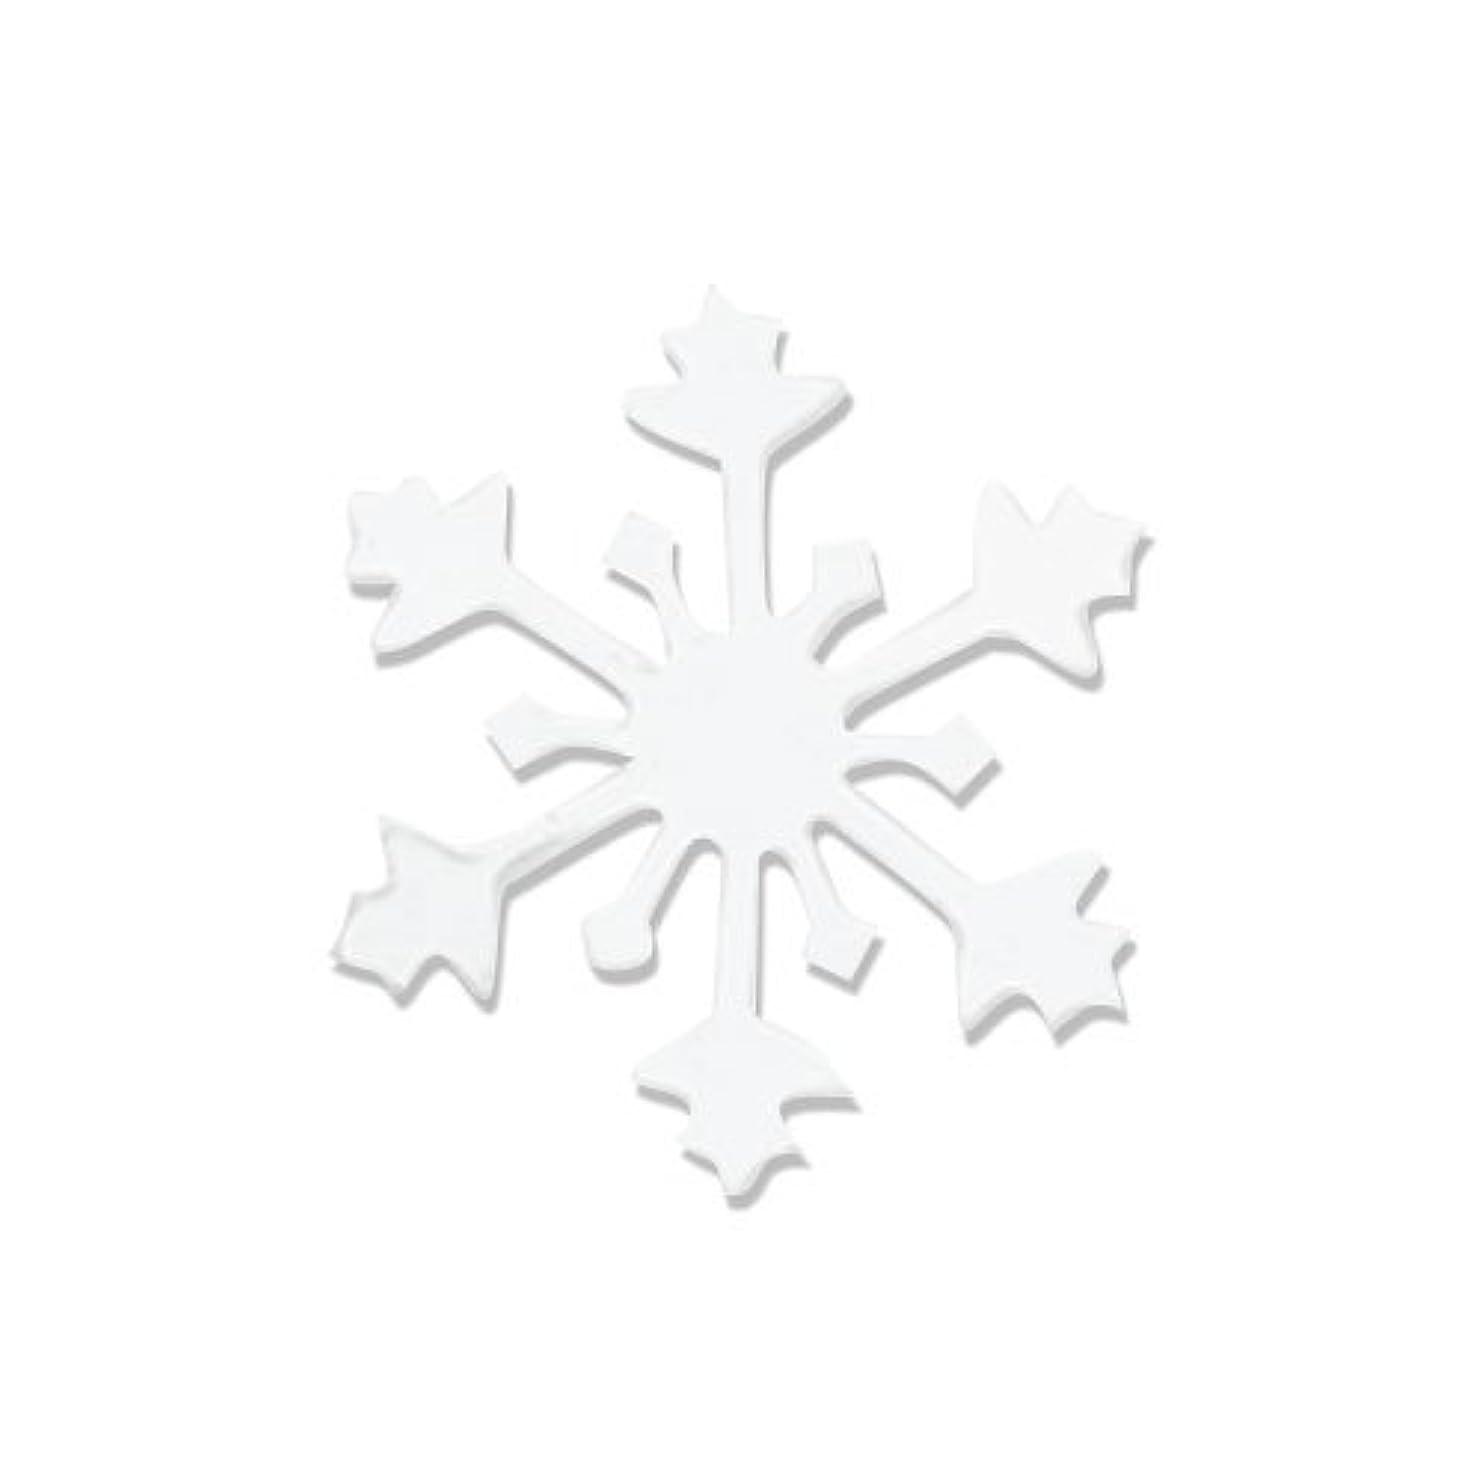 要塞広告あいまいなリトルプリティー ネイルアートパーツ スノークリスタル S ホワイト 10個